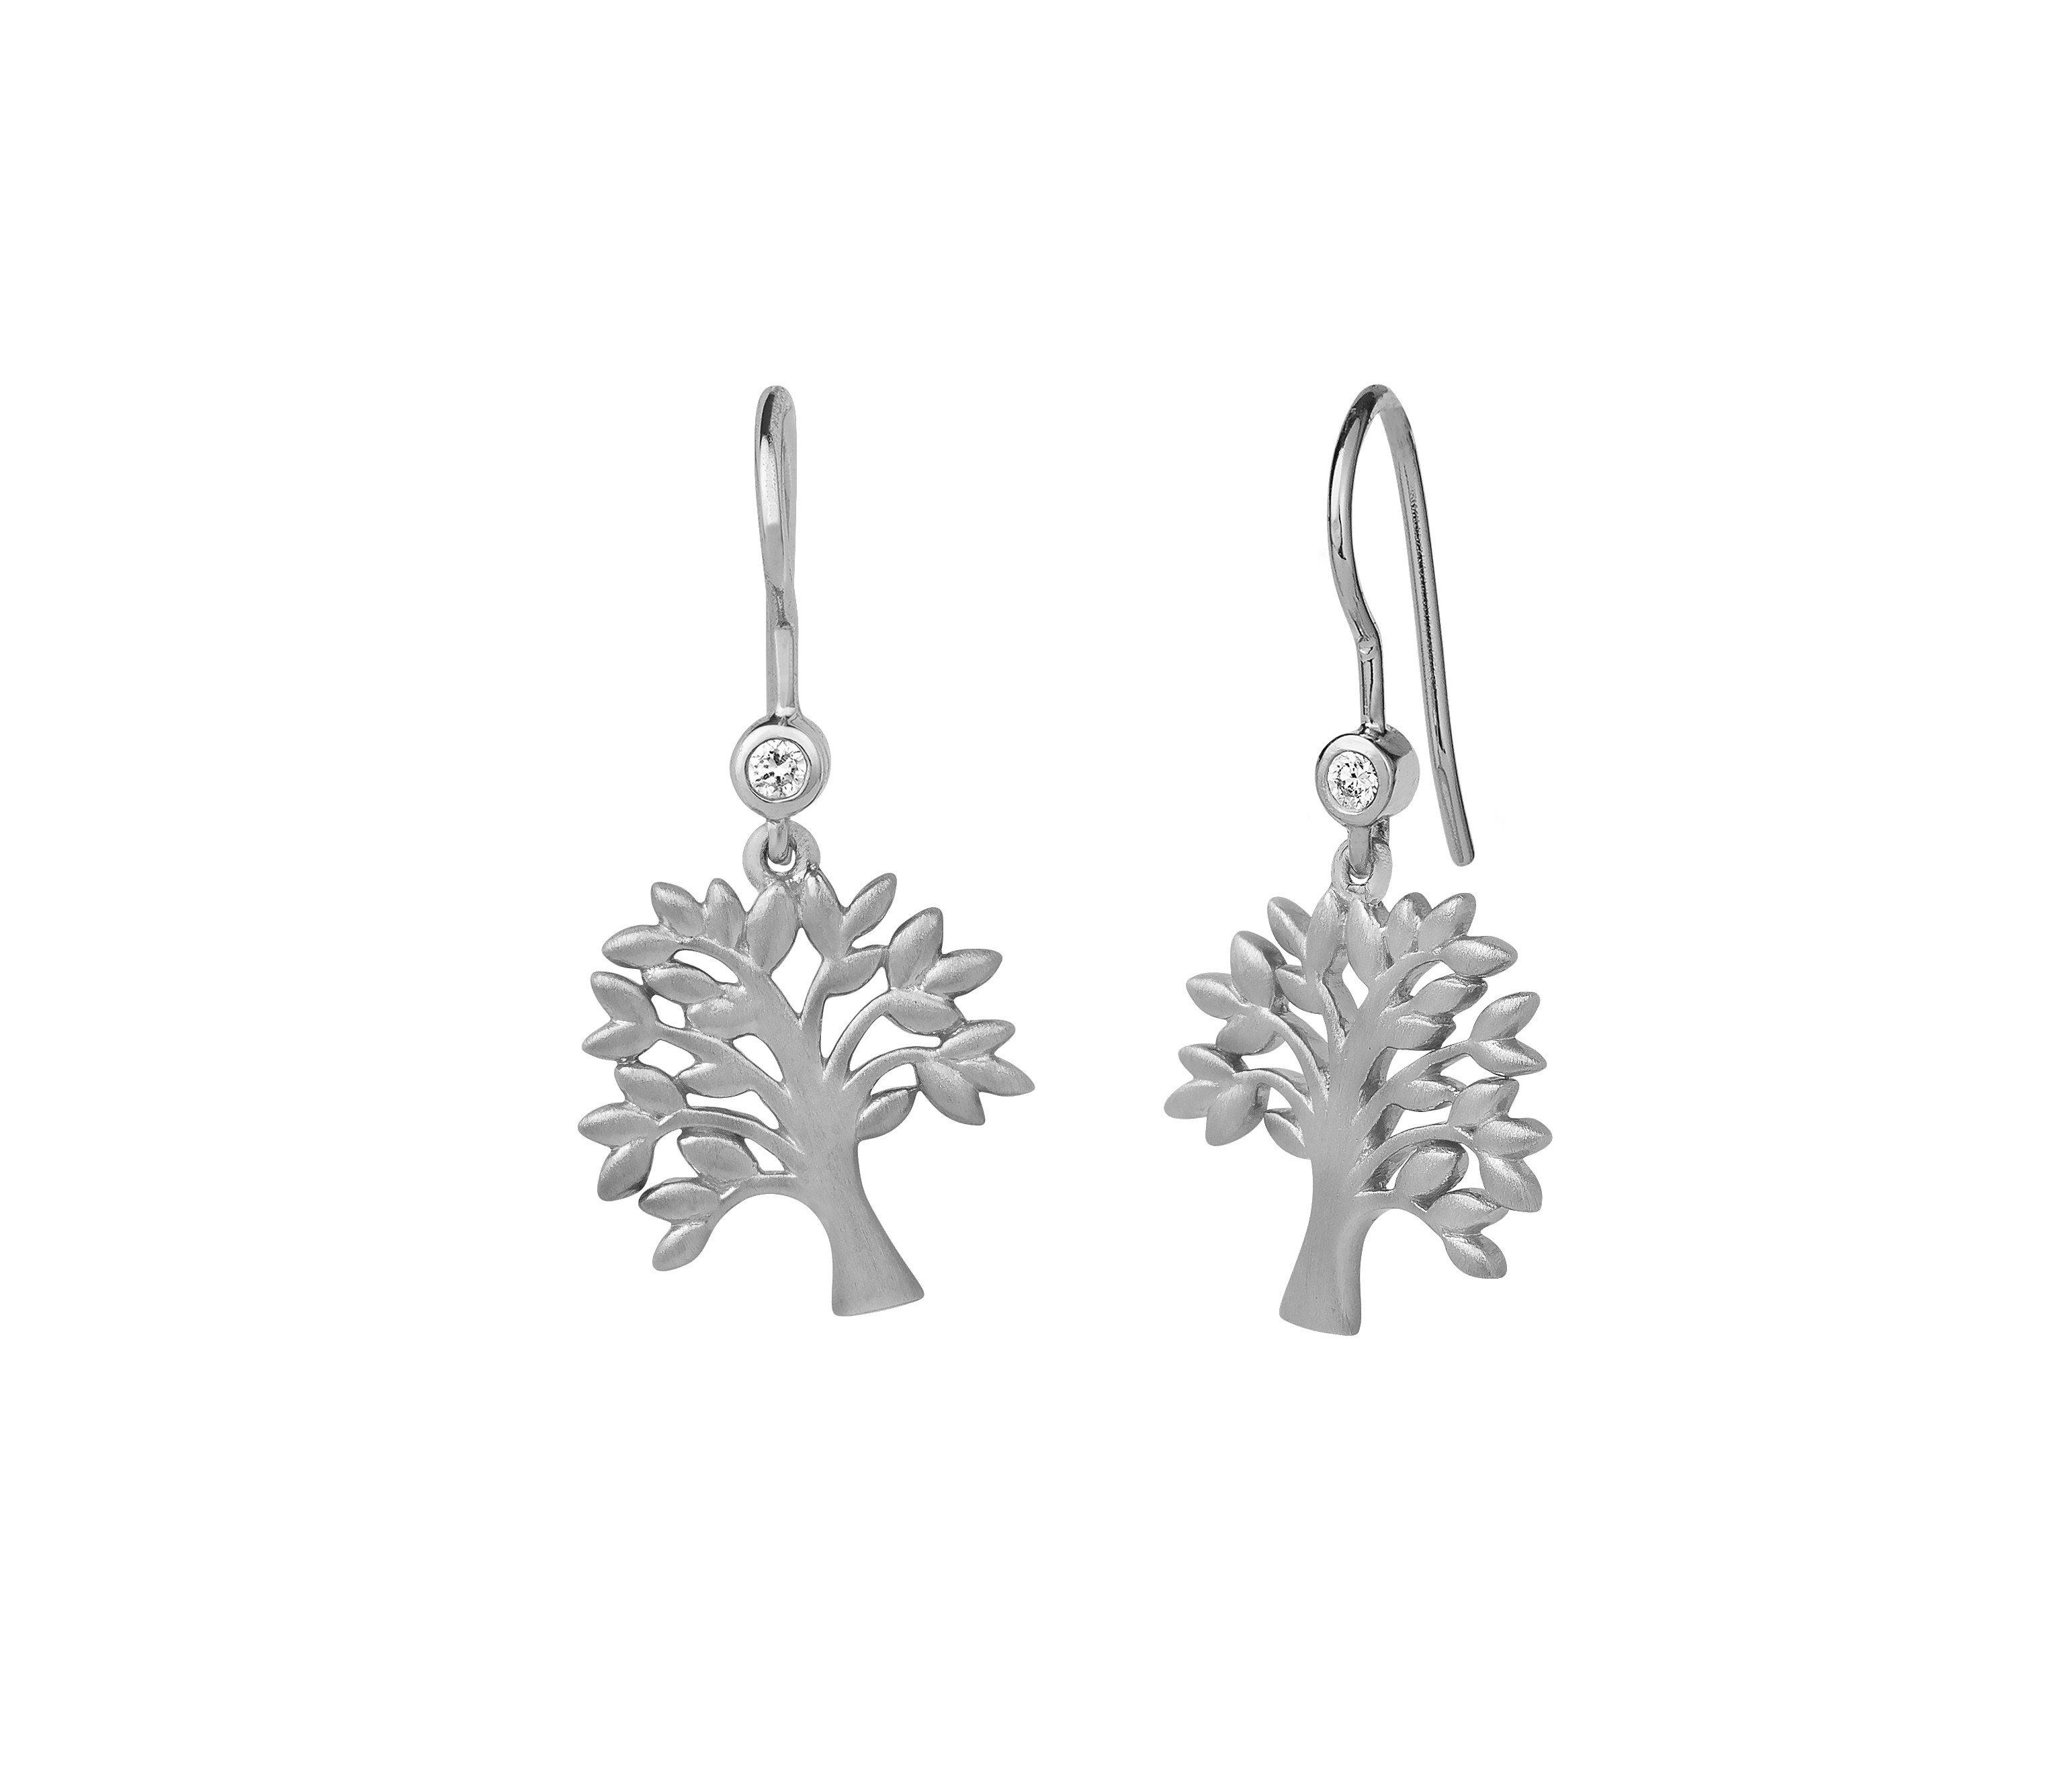 5aabbce4998 Tree Of Life øreringe - Sølv - Ure-smykker din lokale urmager og ...